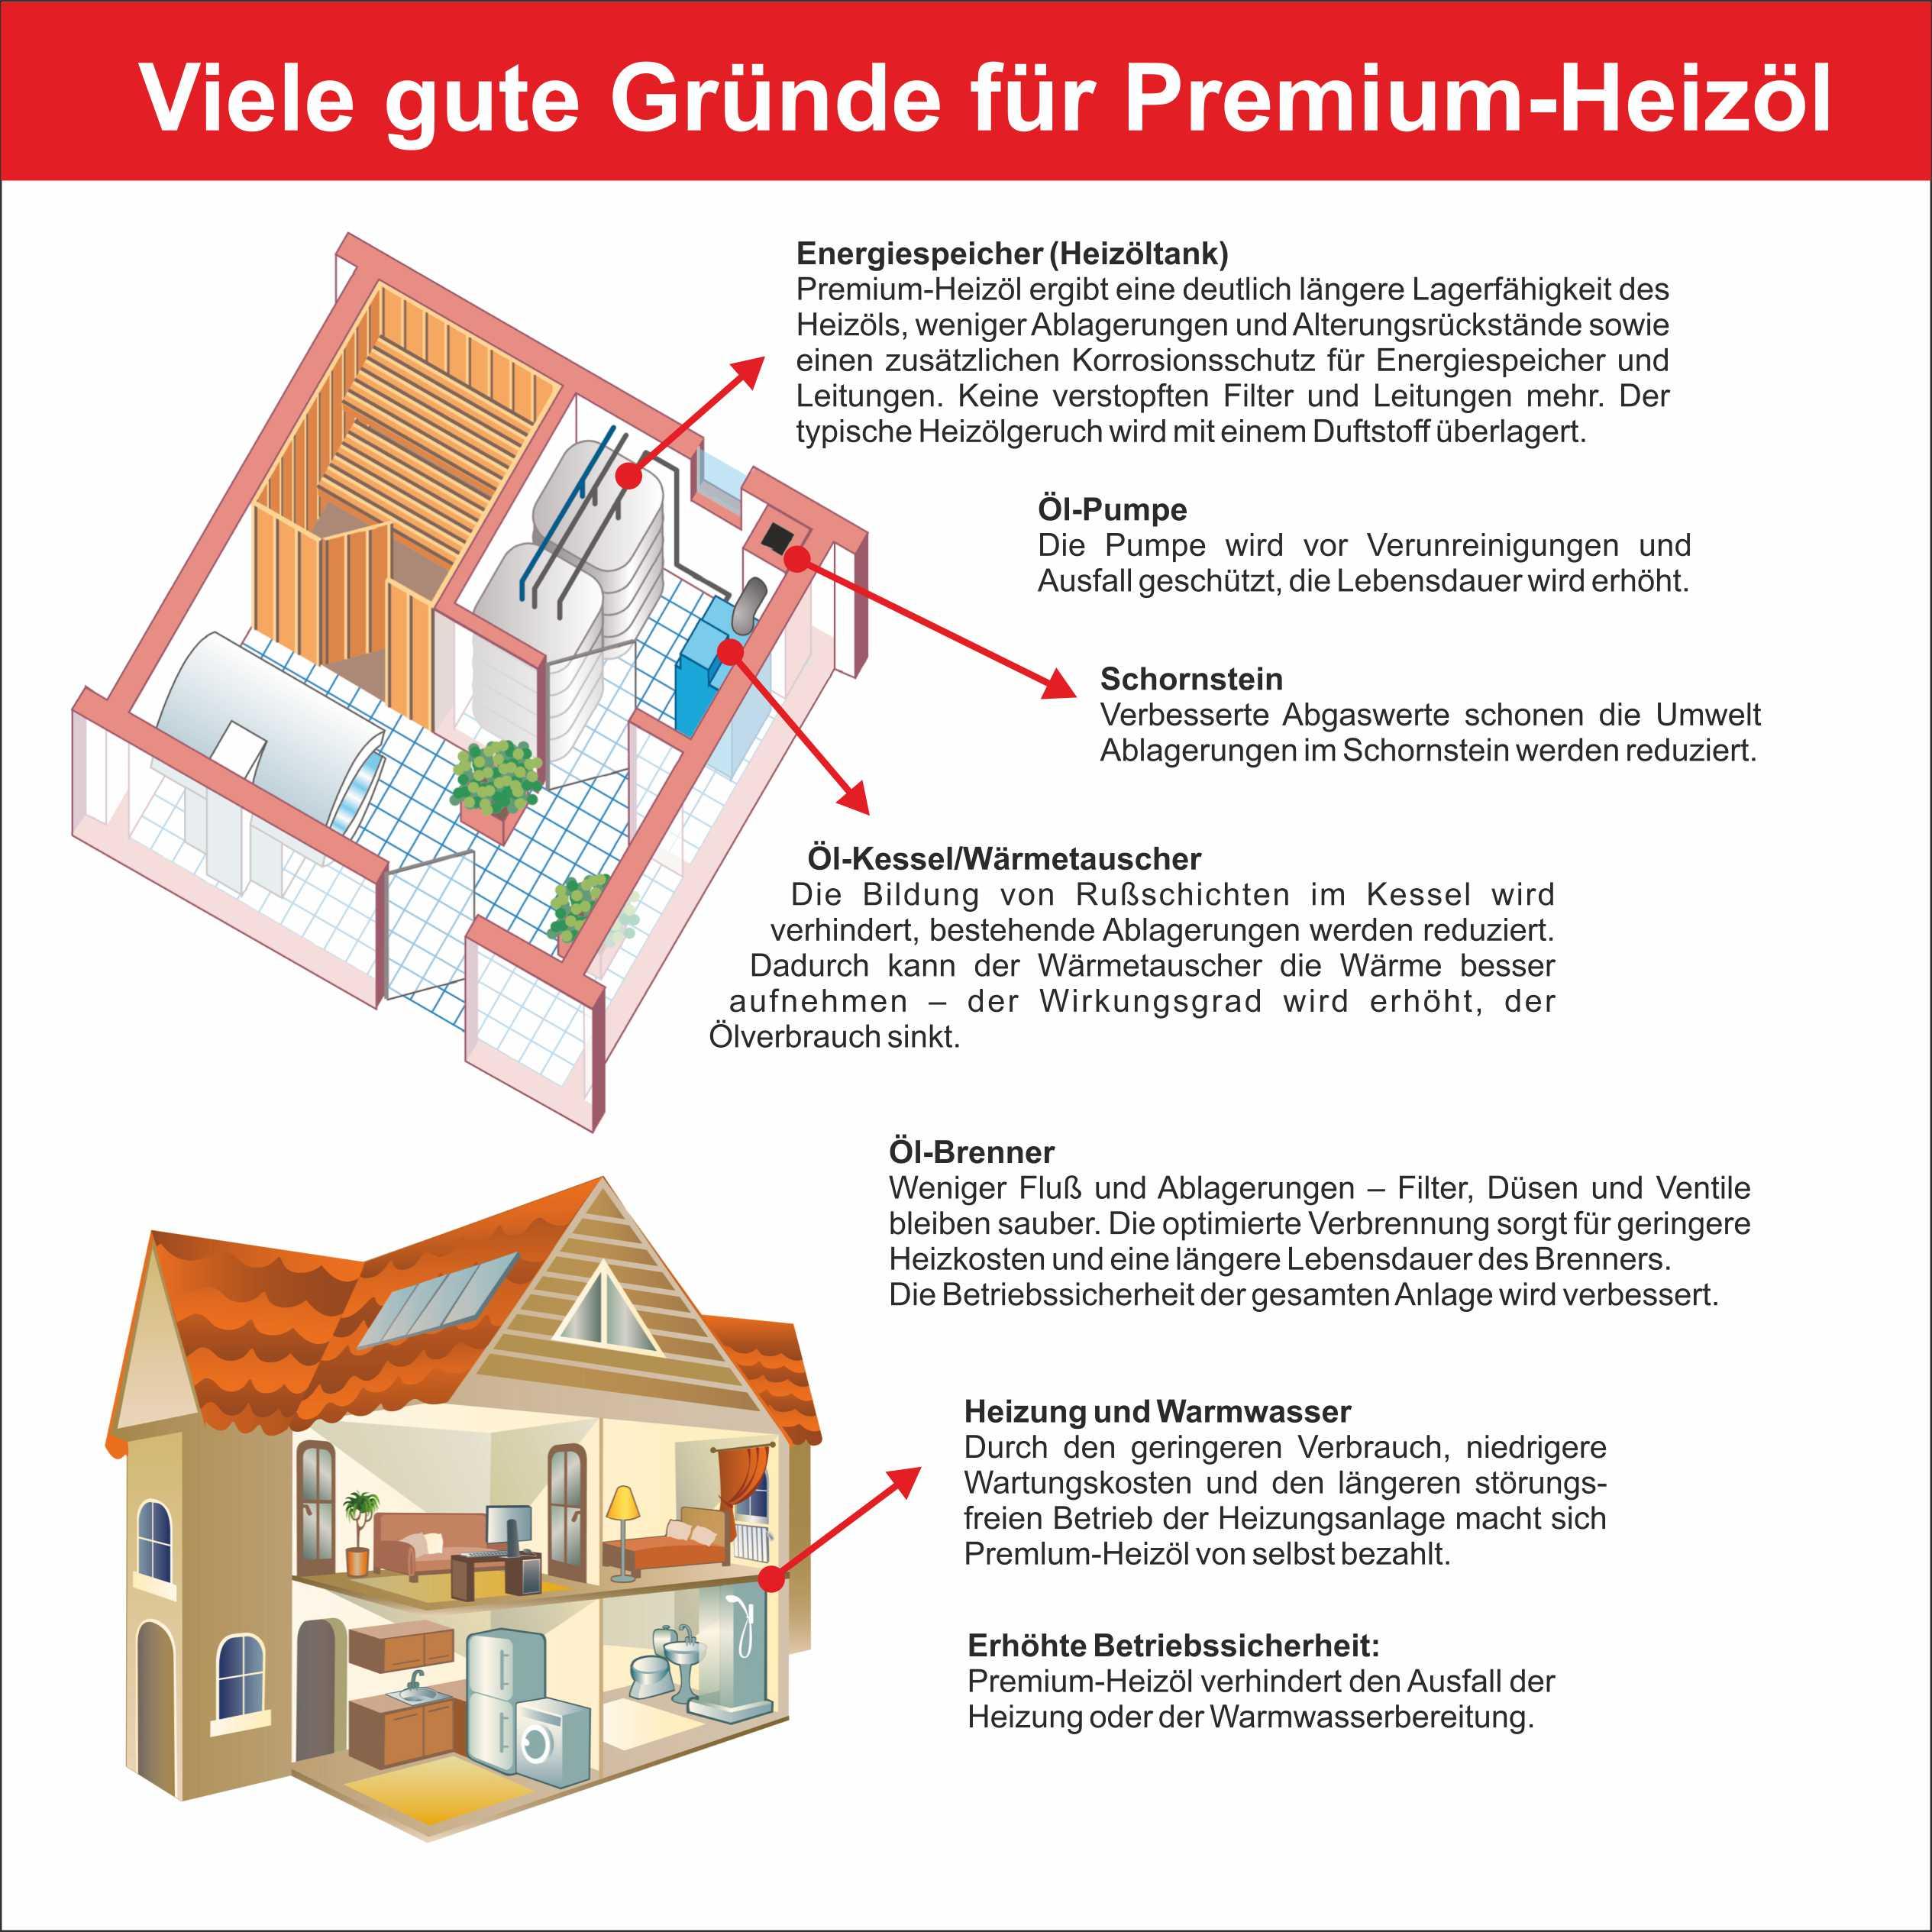 Oelpreis Heizoelpreise Saarland Heizöl